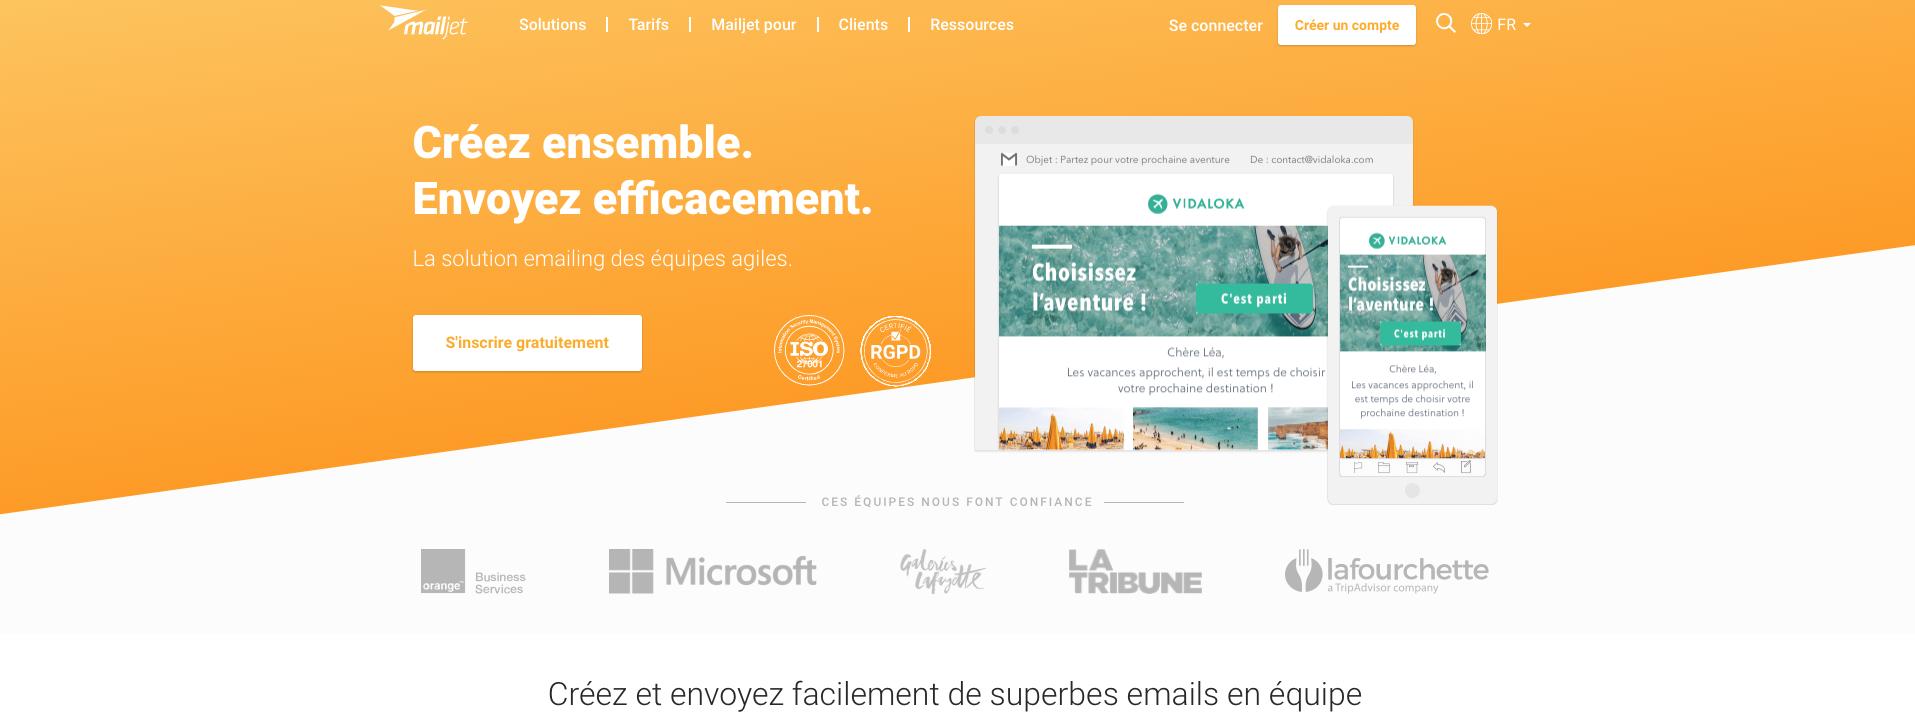 outil digital de la semaine - Mailjet